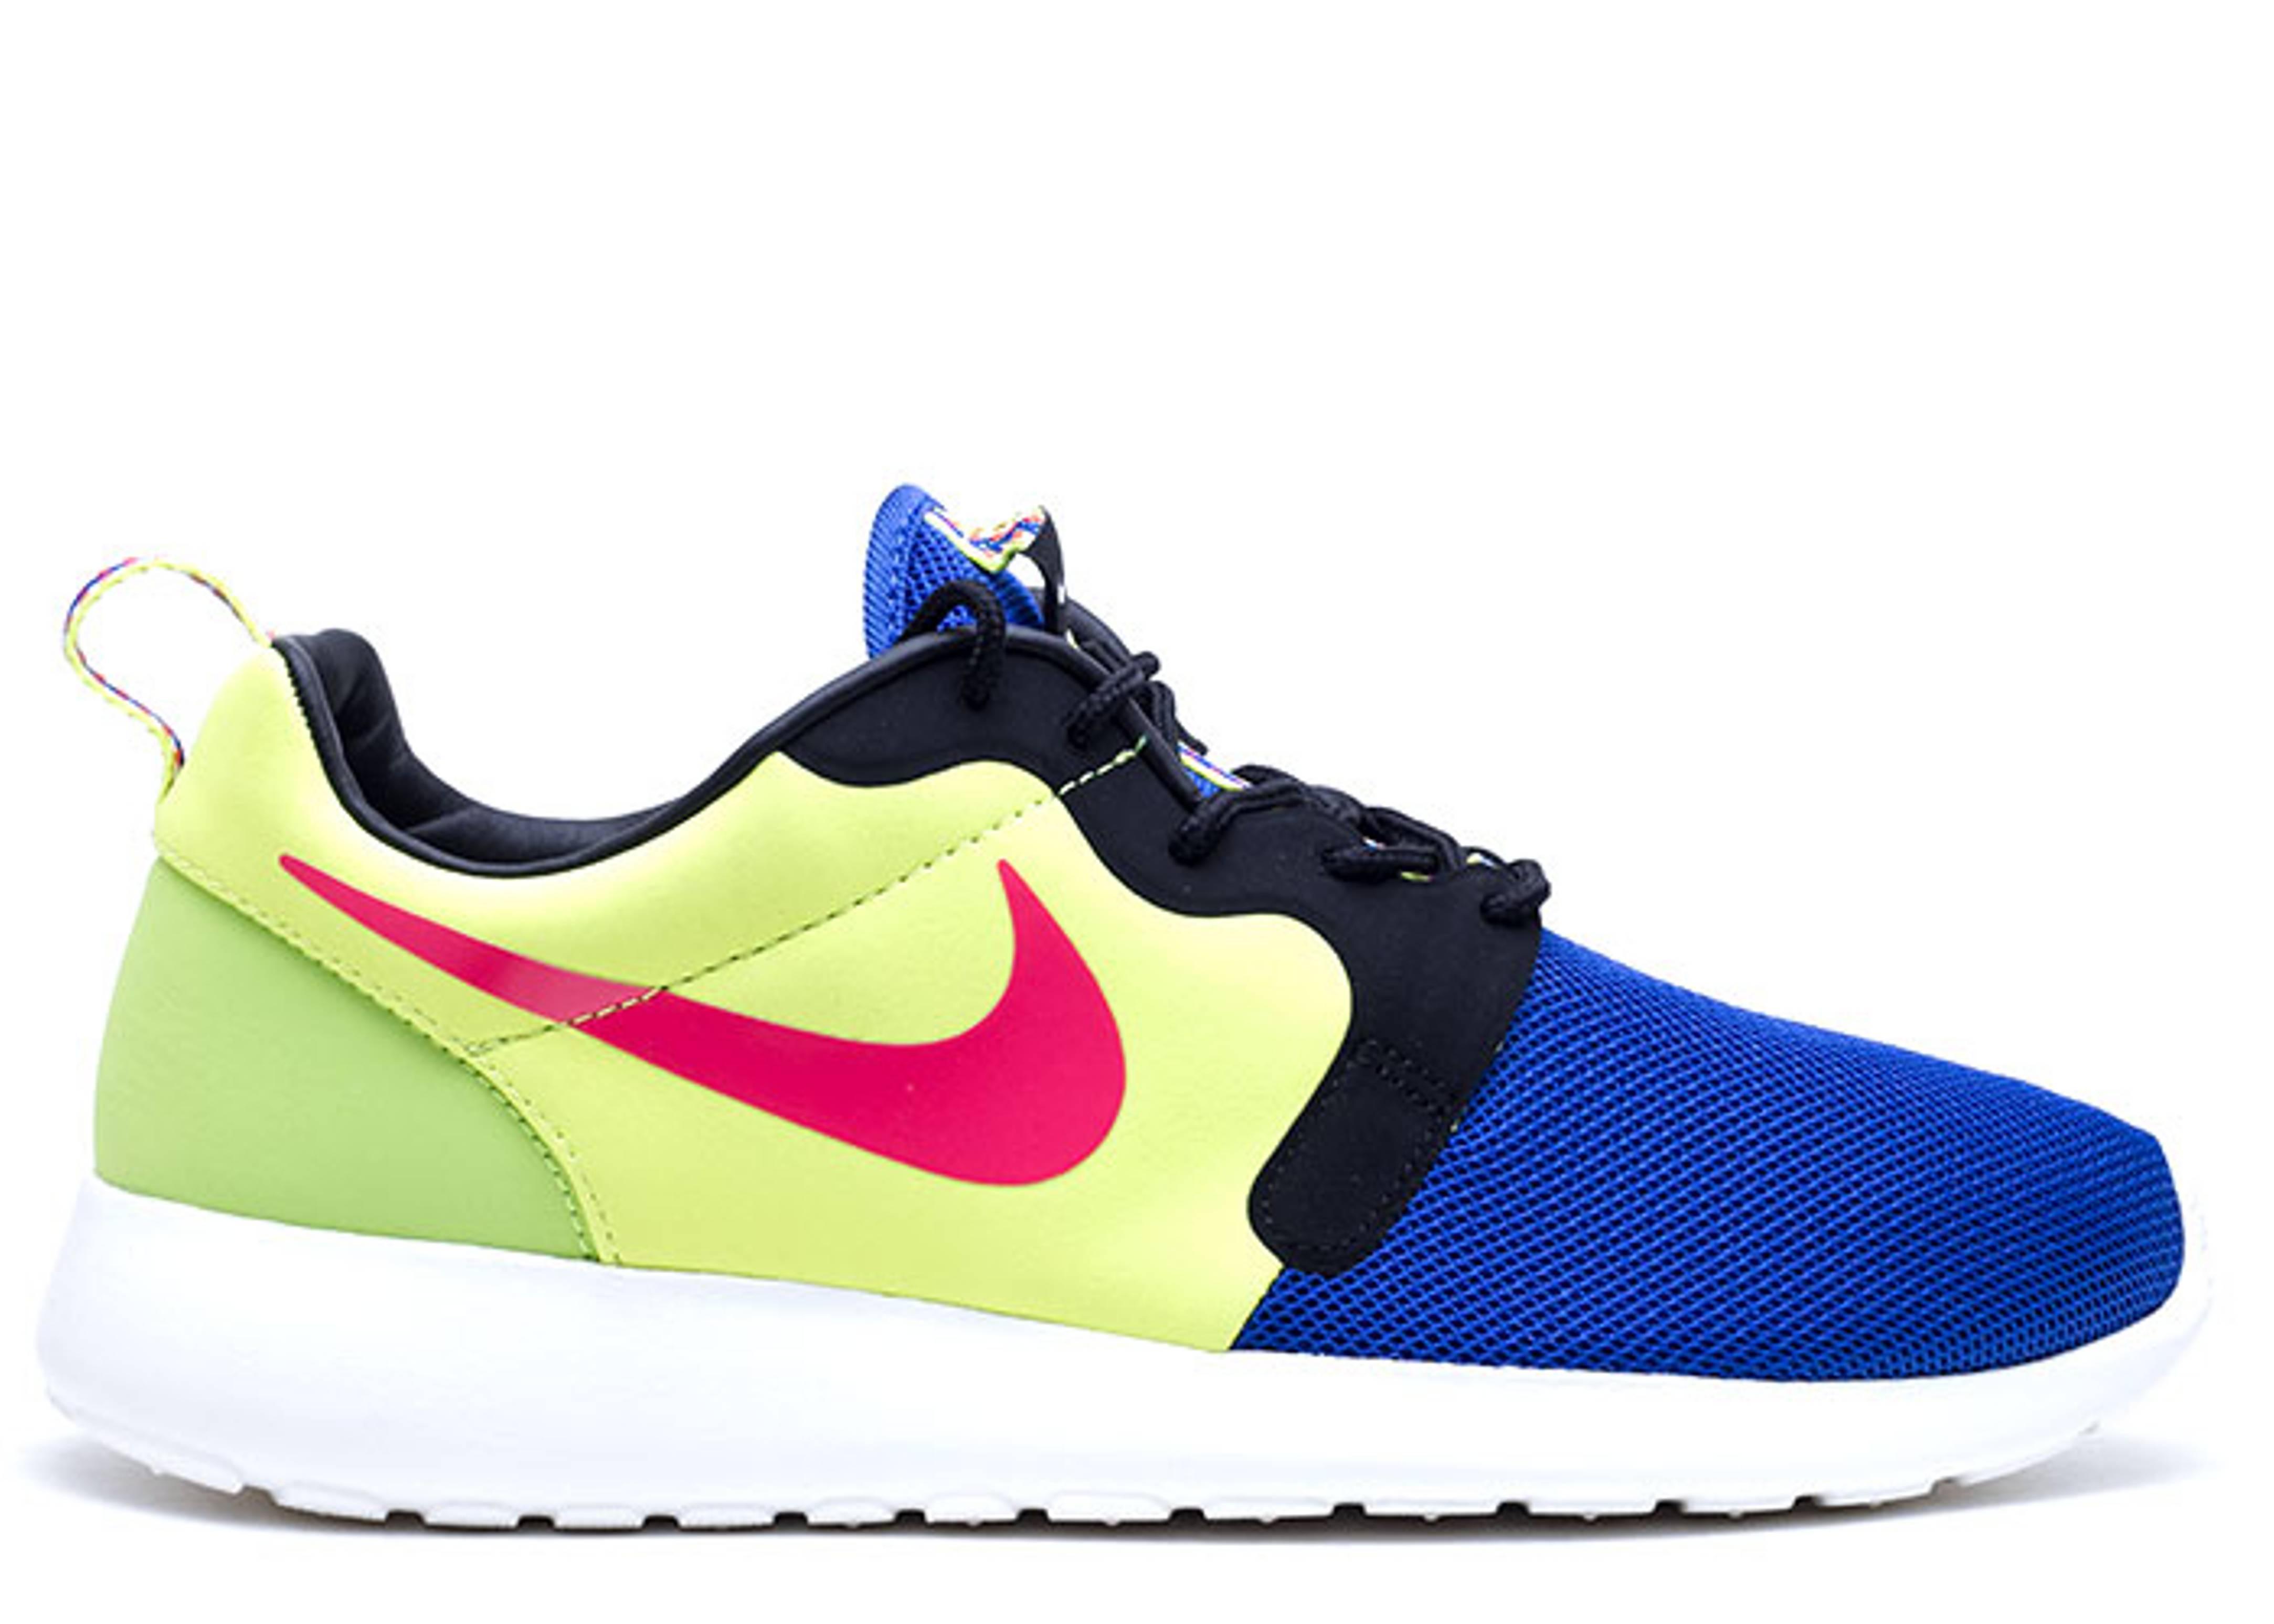 Hôtels Nike Trophée Dor Roshe Course Hyperfuse Pas Cher